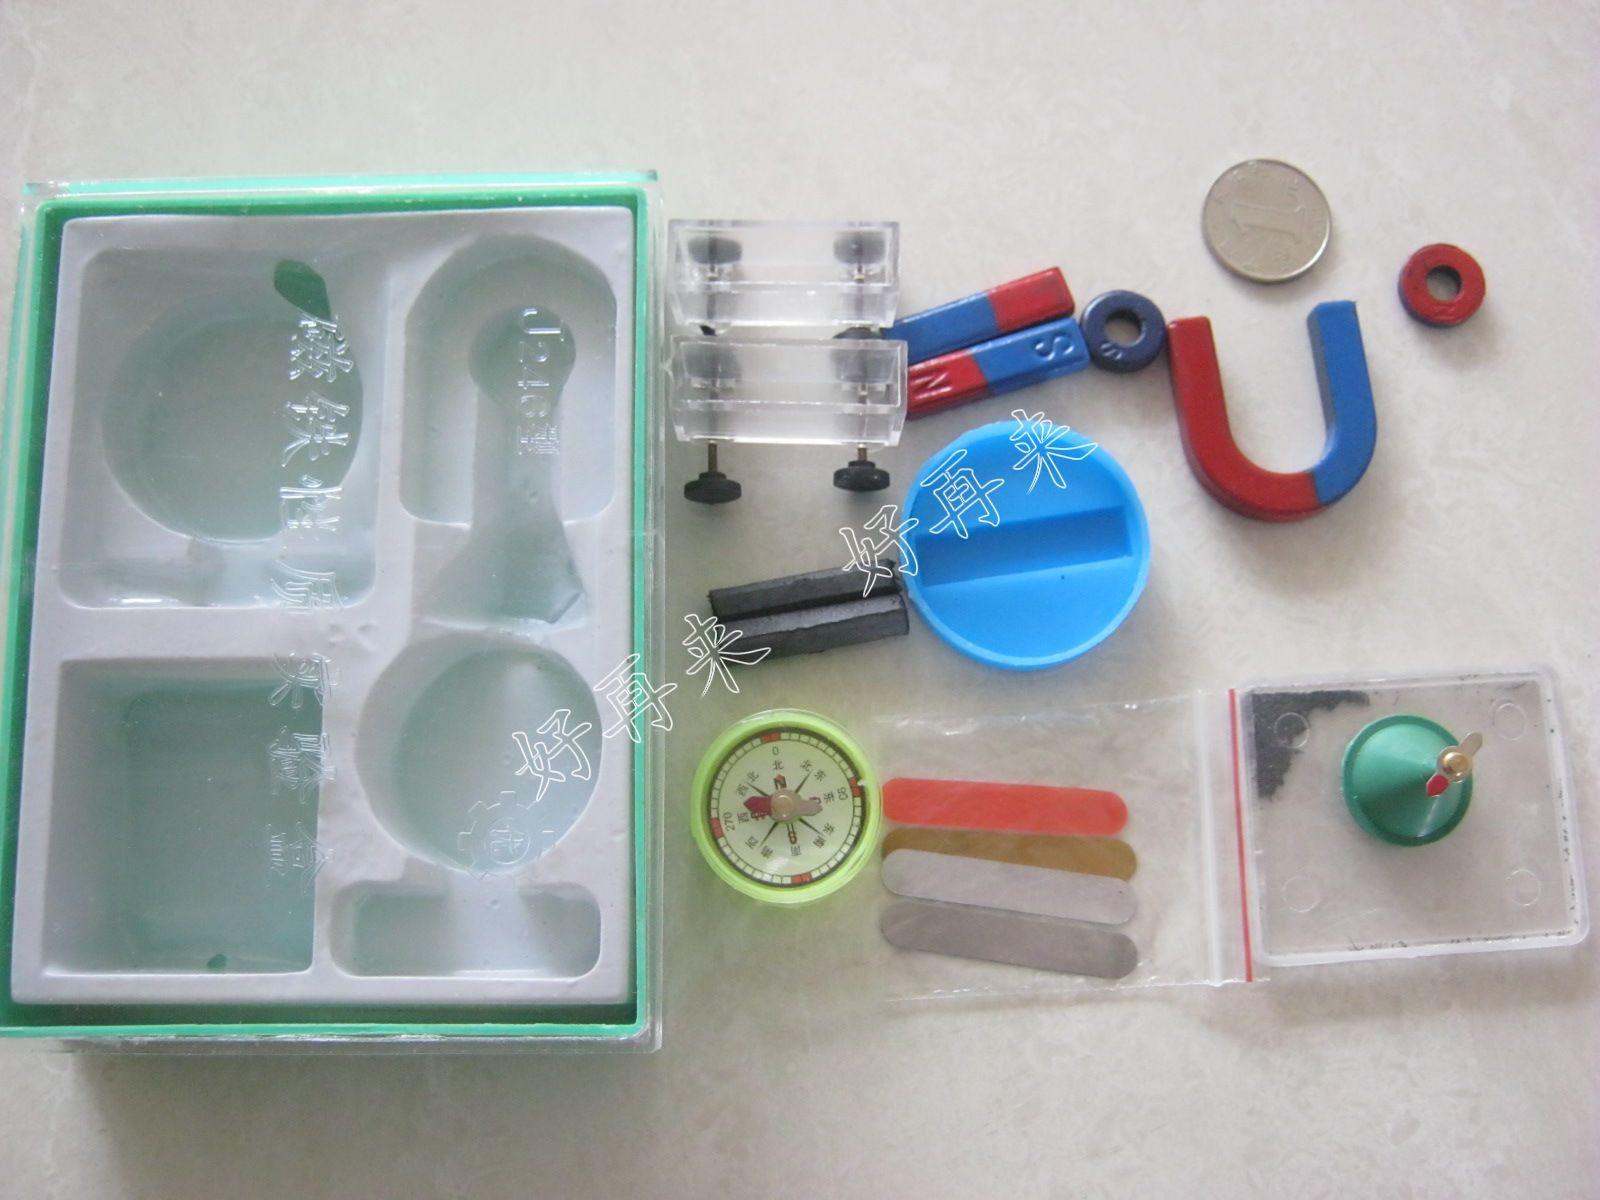 磁铁性质实验盒 探究磁铁性质实验器 磁学实验盒 条形磁铁等 价格:18.00